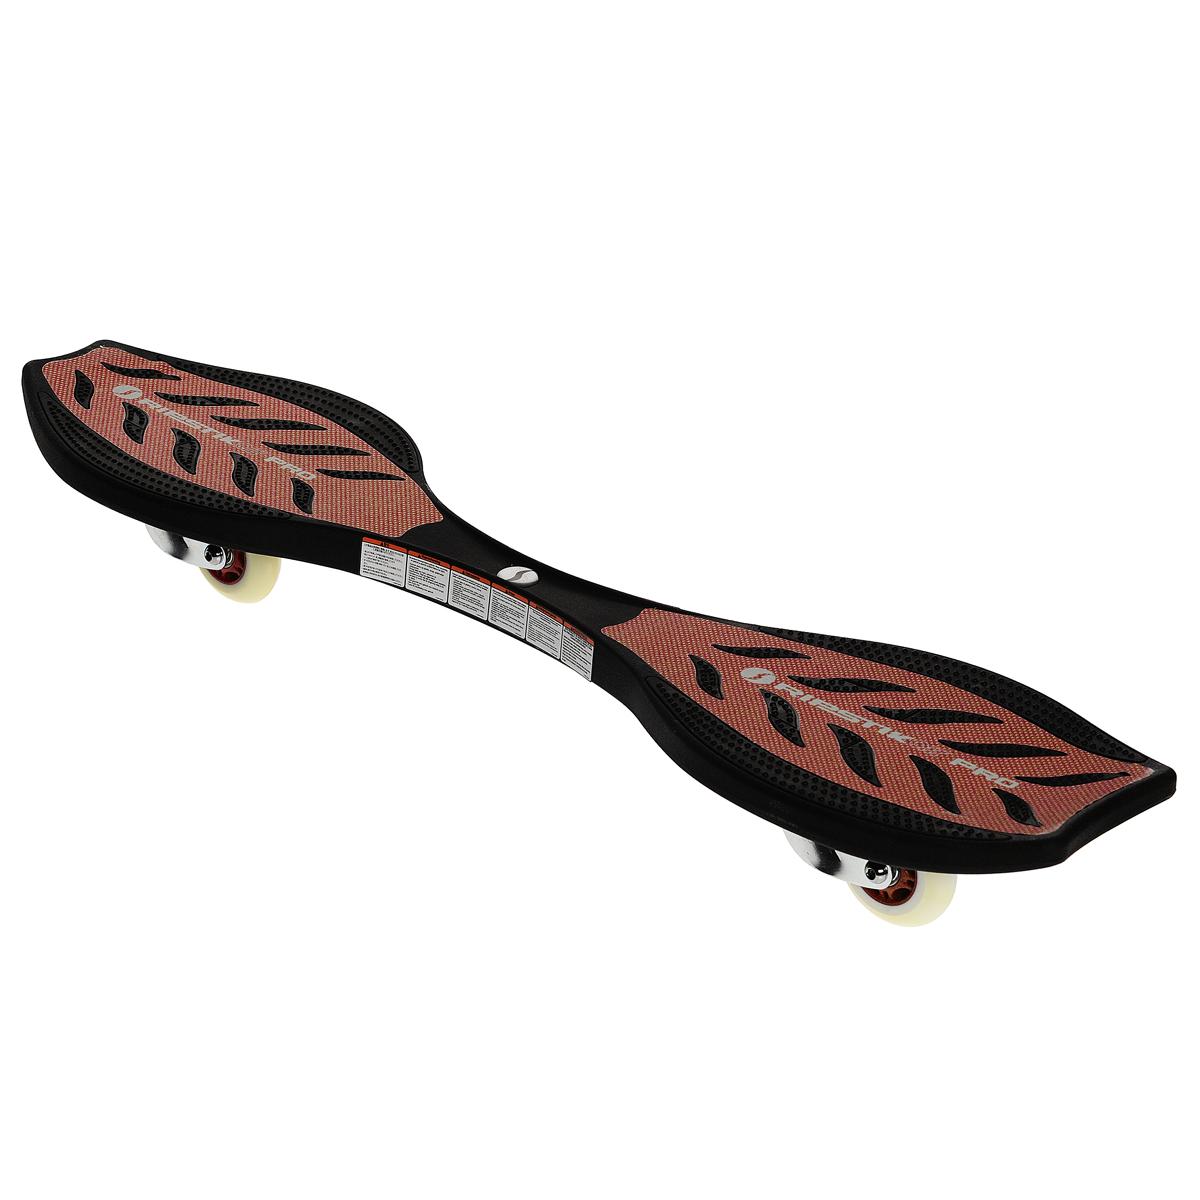 Скейтборд Ripstik Air Pro, двухколесный, цвет: красный2408Балансирующий скейтборд Ripstik Air Pro с двумя колесами - отличный выбор для опытных скейтбордистов, а также людей, любящих активно проводить время. Колеса скейтборда выполнены из прочного полиуретана и вращаются на 360°. В последнее время экстремальные виды спорта, такие как катание на скейтборде, становятся очень популярными. Скейтбординг - это зрелищный и экстремальный вид спорта, представляющий собой катание на роликовой доске с преодолением препятствий и выполнением различных трюков.